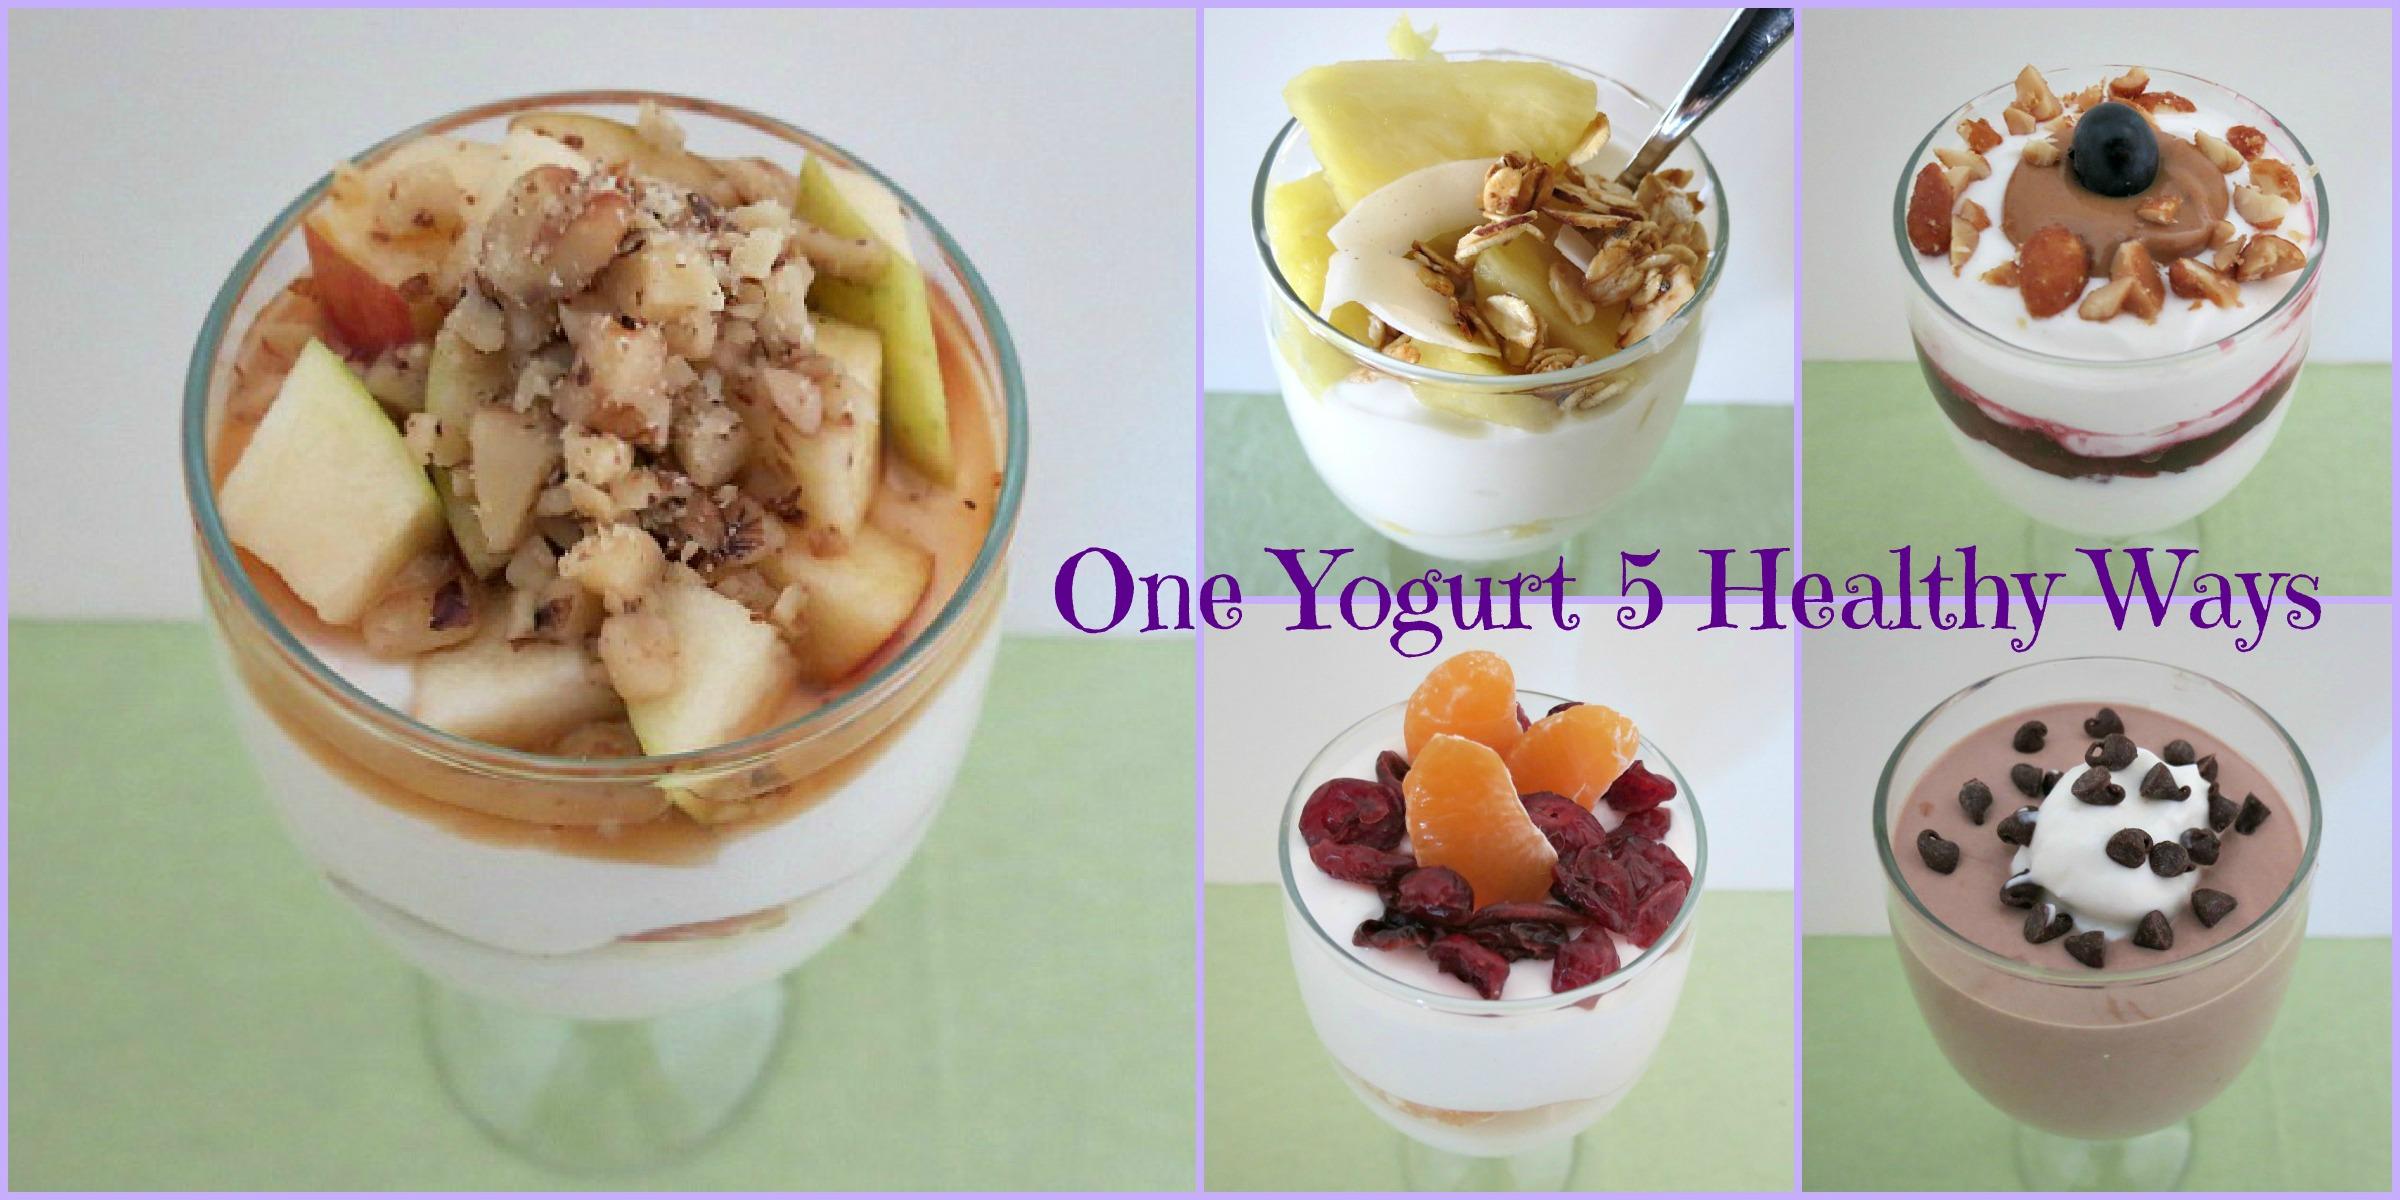 My love of Yogurt - One Yogurt 5 Ways!